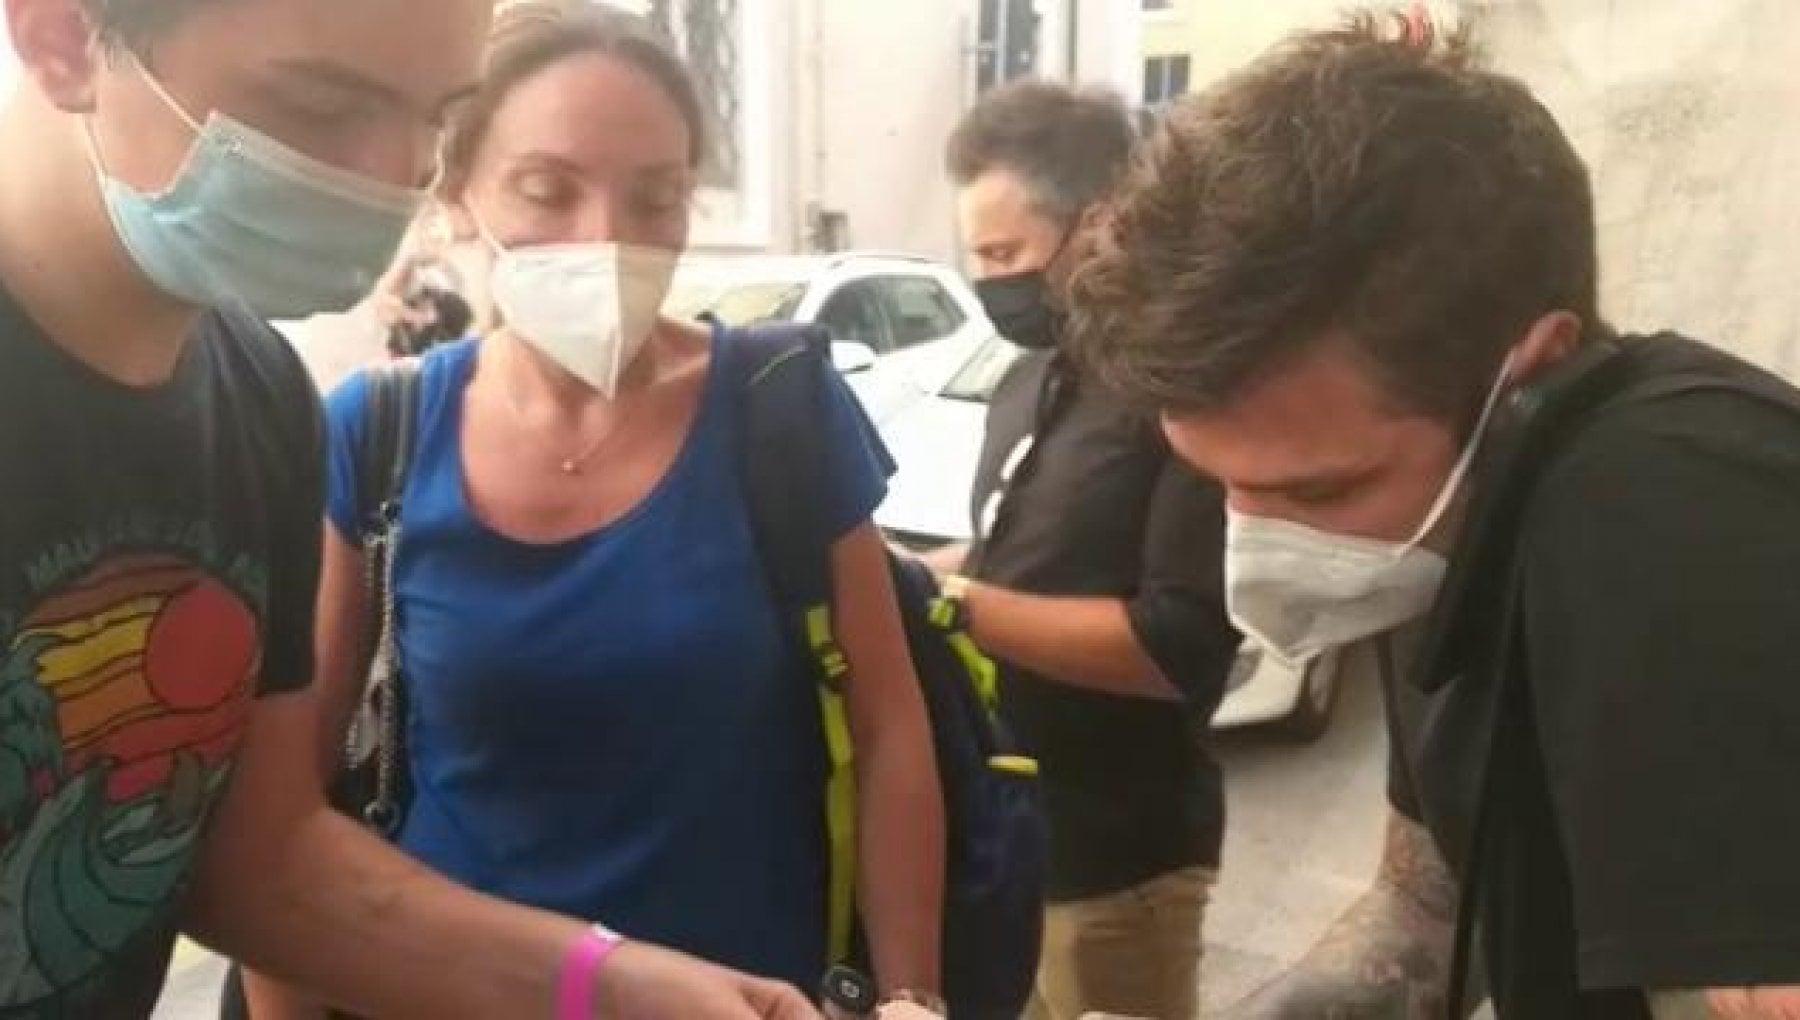 183107700 a2327ba6 c8db 482e 9ce0 4eb092660e91 - Fedez non diffamò la giornalista, assolto a Livorno